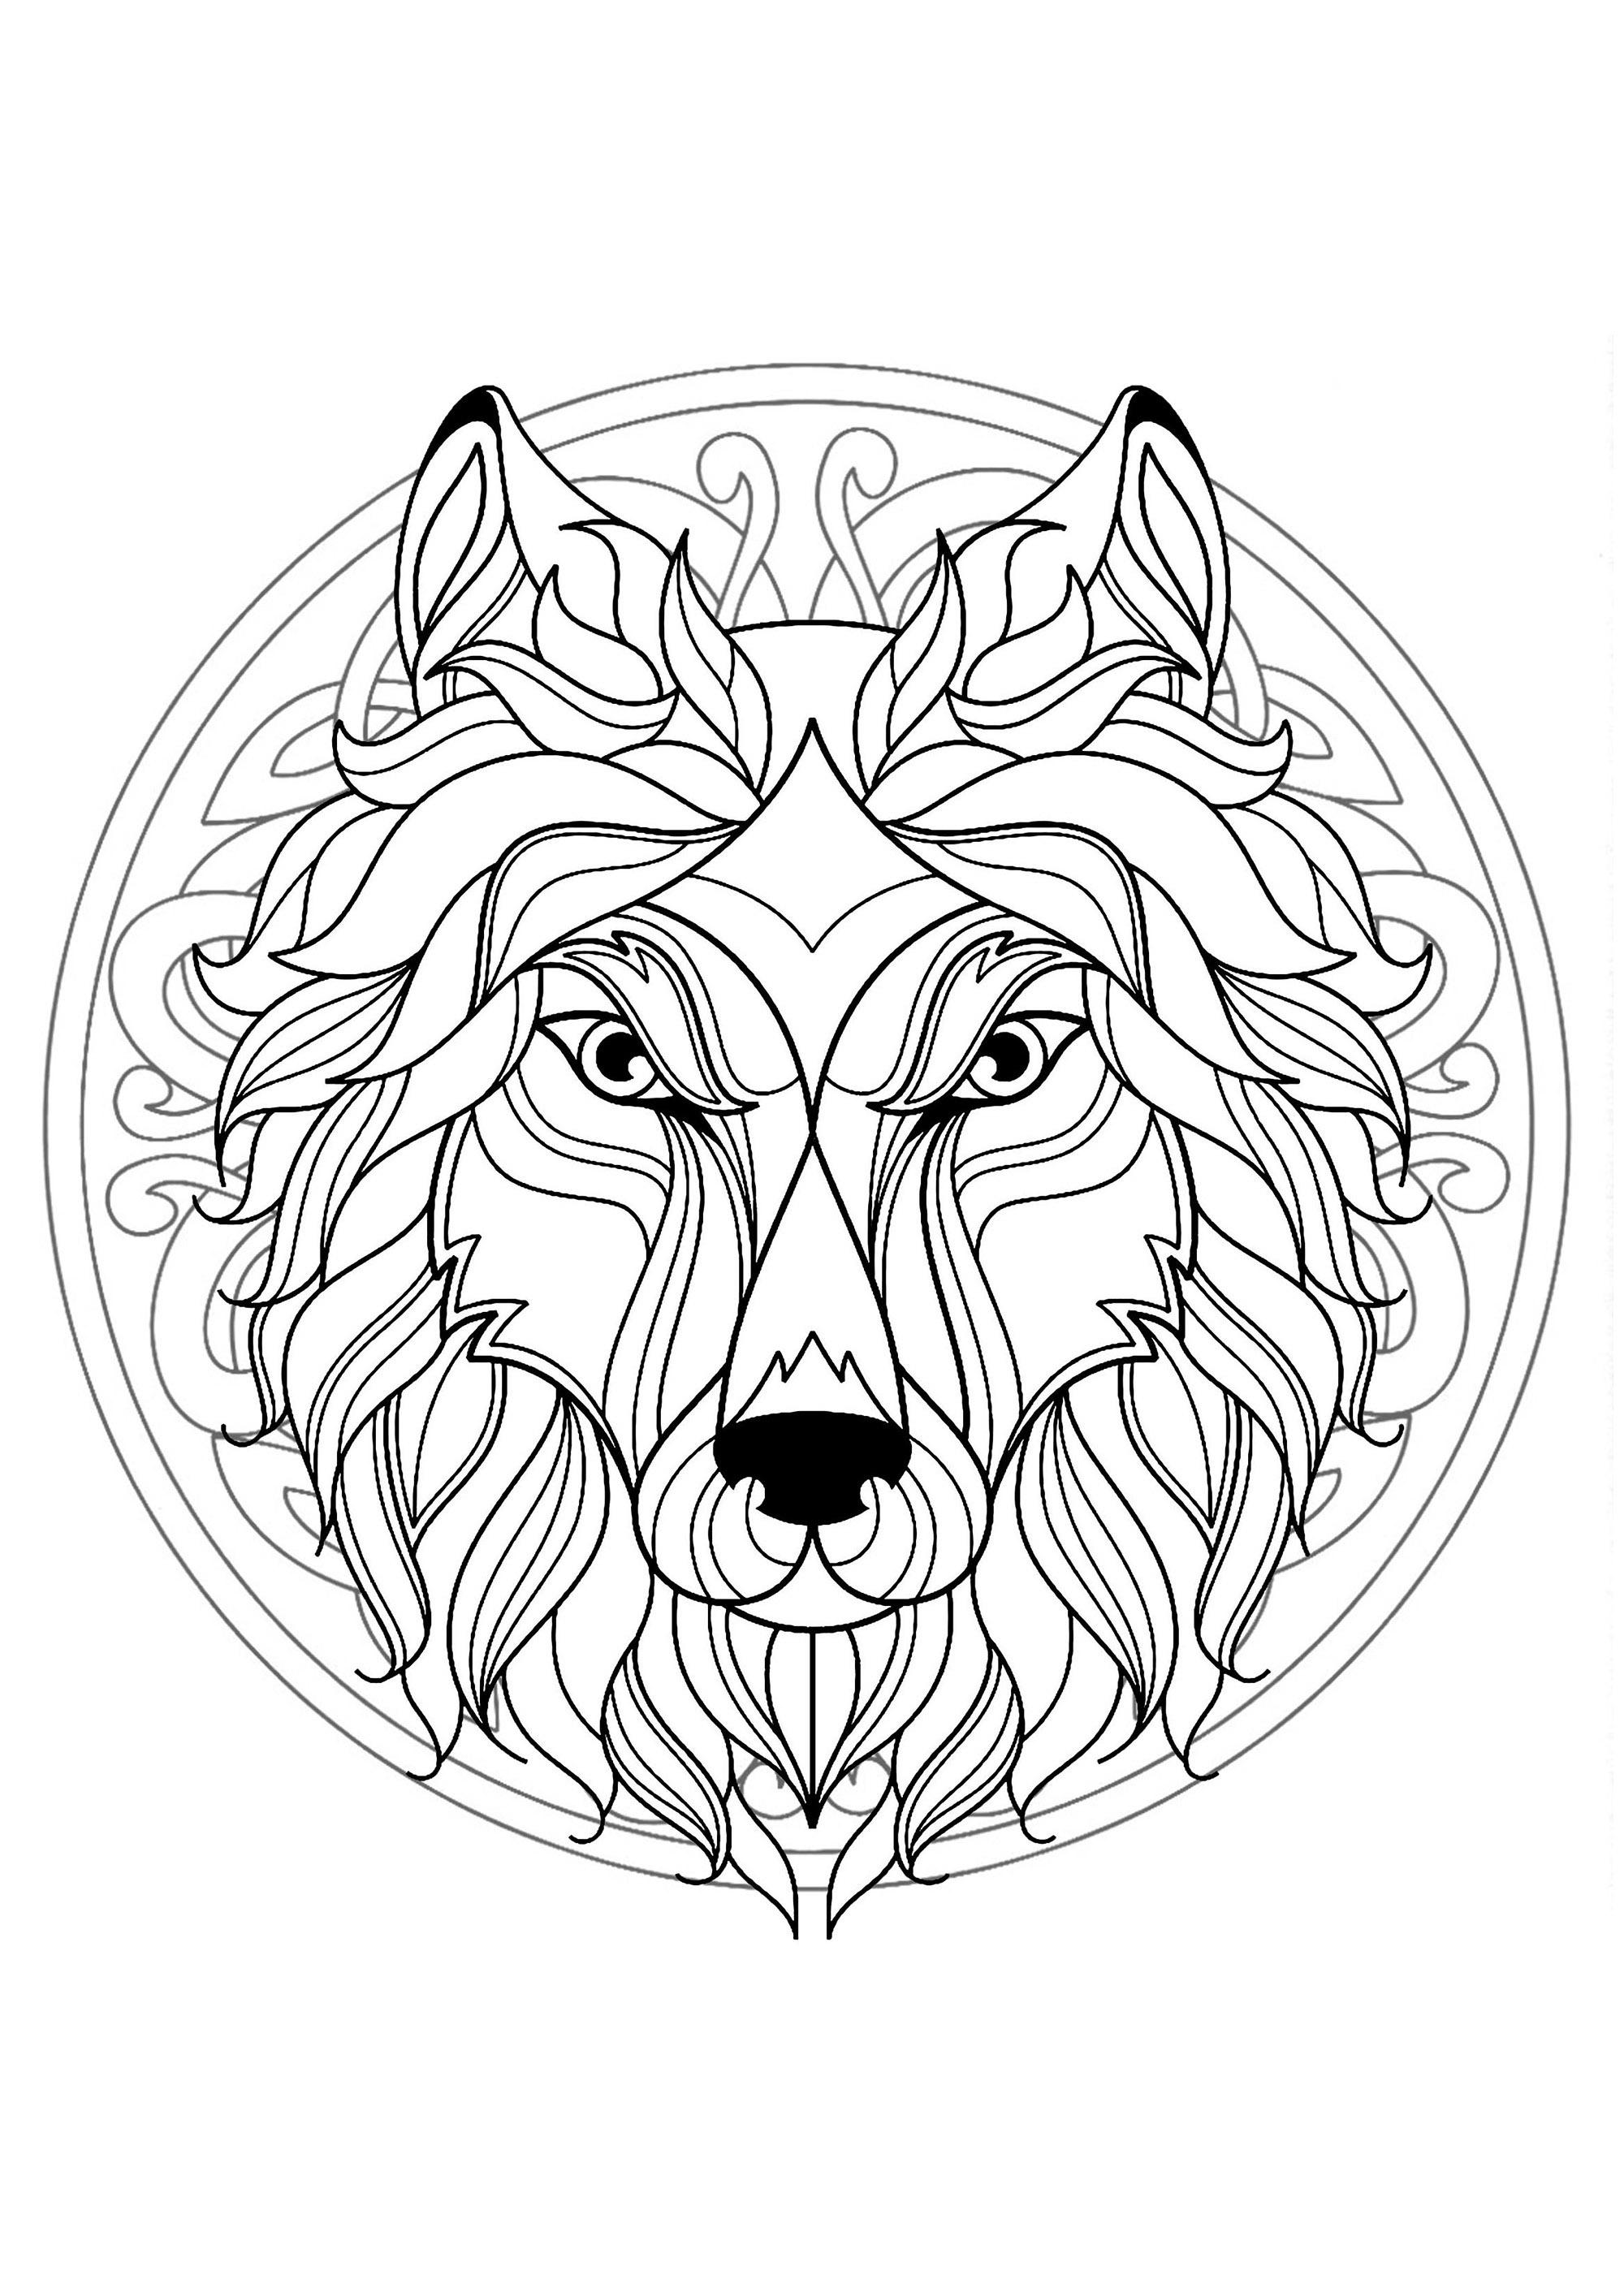 Mandala Tete Loup 4 - Mandalas - Coloriages Difficiles encequiconcerne Coloriage Simple À Imprimer